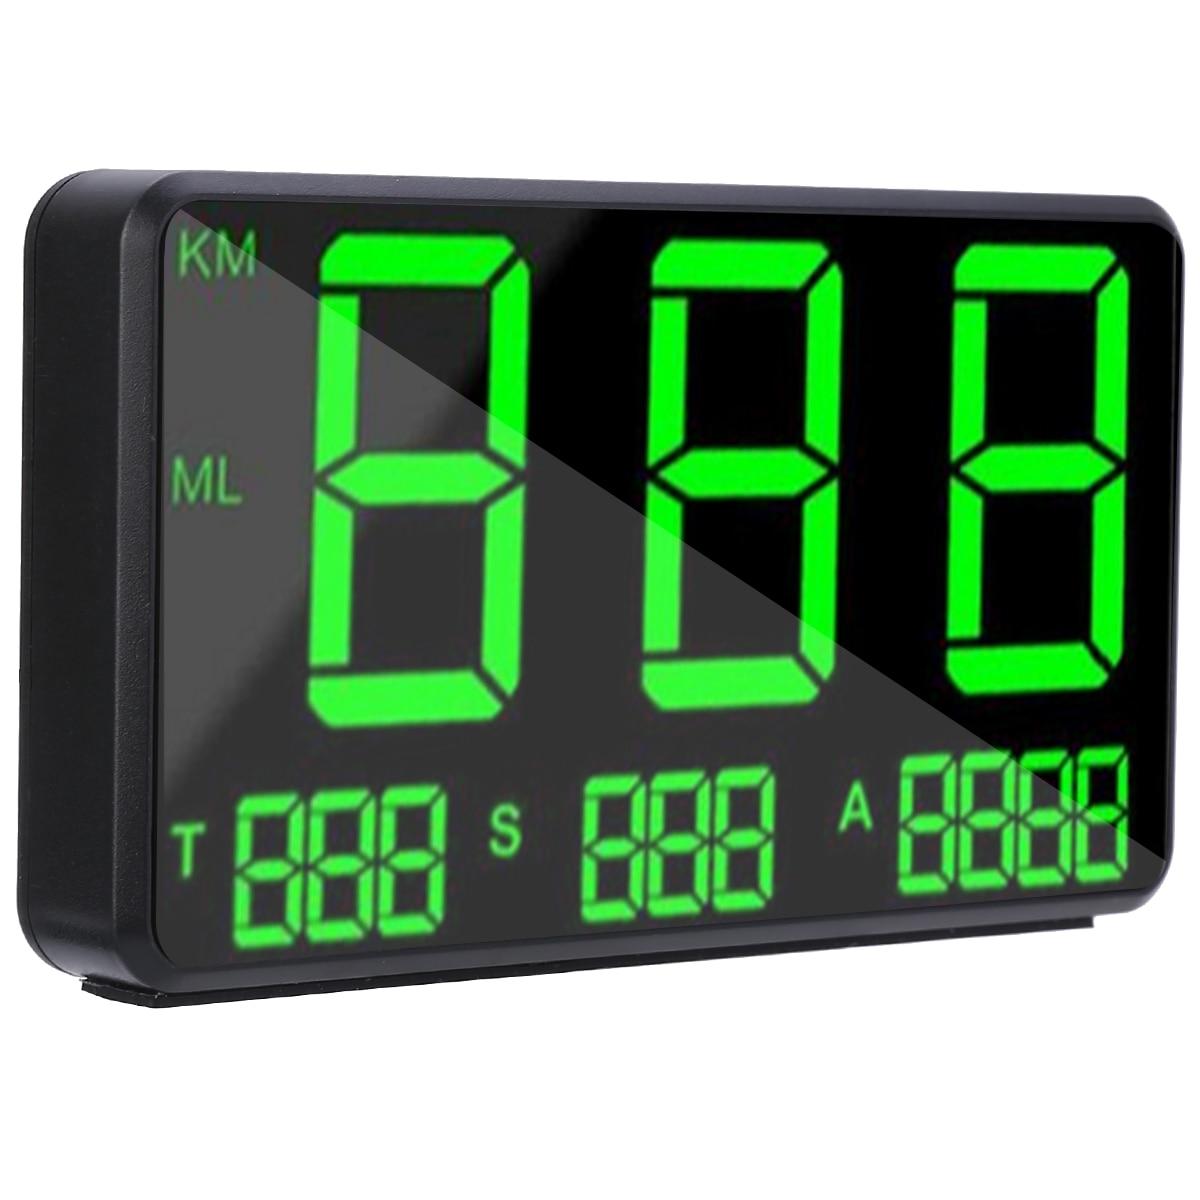 C80, velocímetro GPS para coche, pantalla LED de grandes fuentes, KM/h MPH, alarma de velocidad, altitud, tiempo de conducción Digital Total para piezas electrónicas de coche